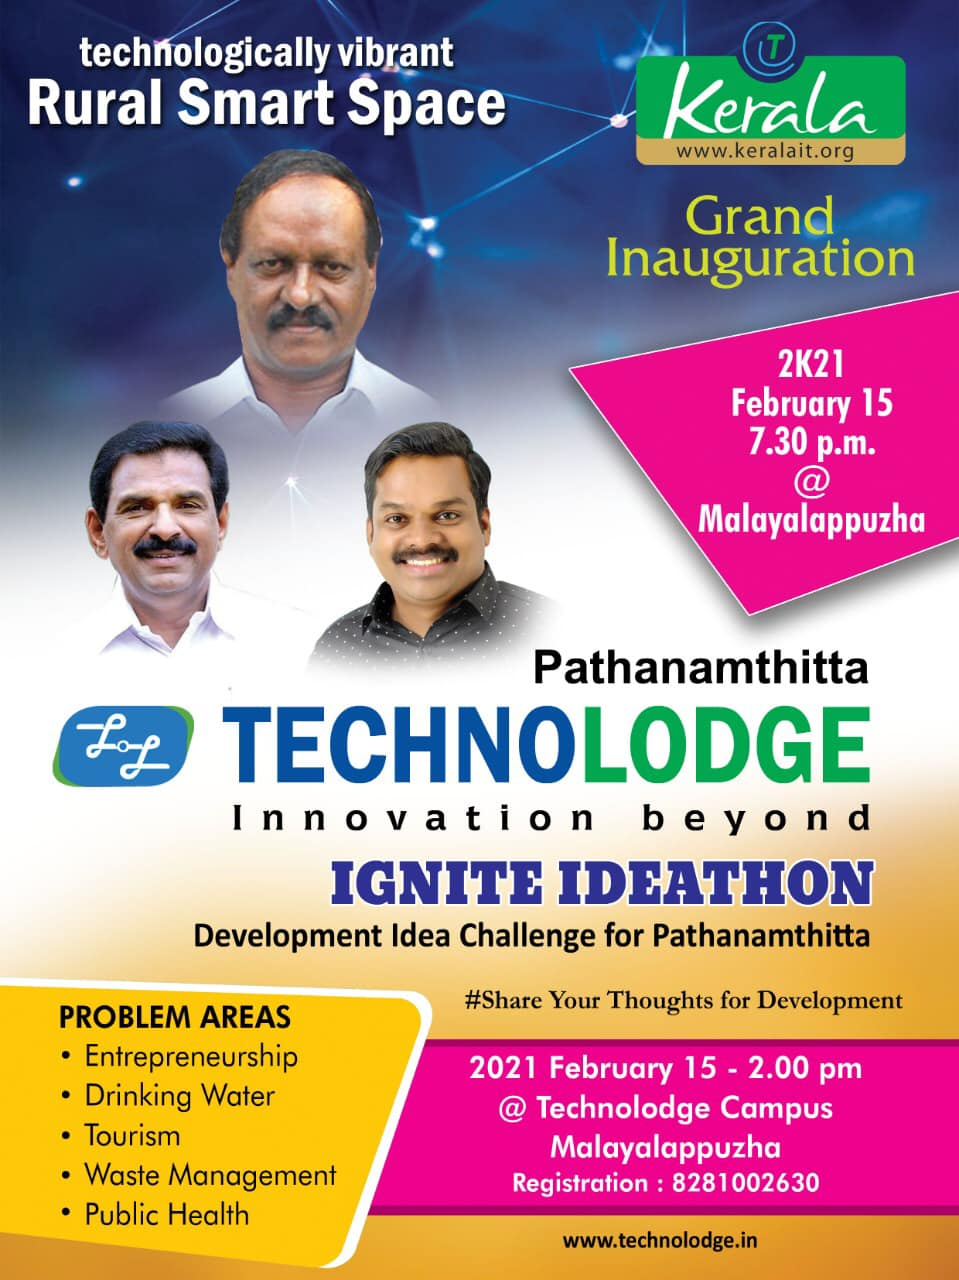 Grand Inaguguration Pathanamthitta TechnoLodge on 2021 February 15, 7.30 pm @ Malayalappuzha